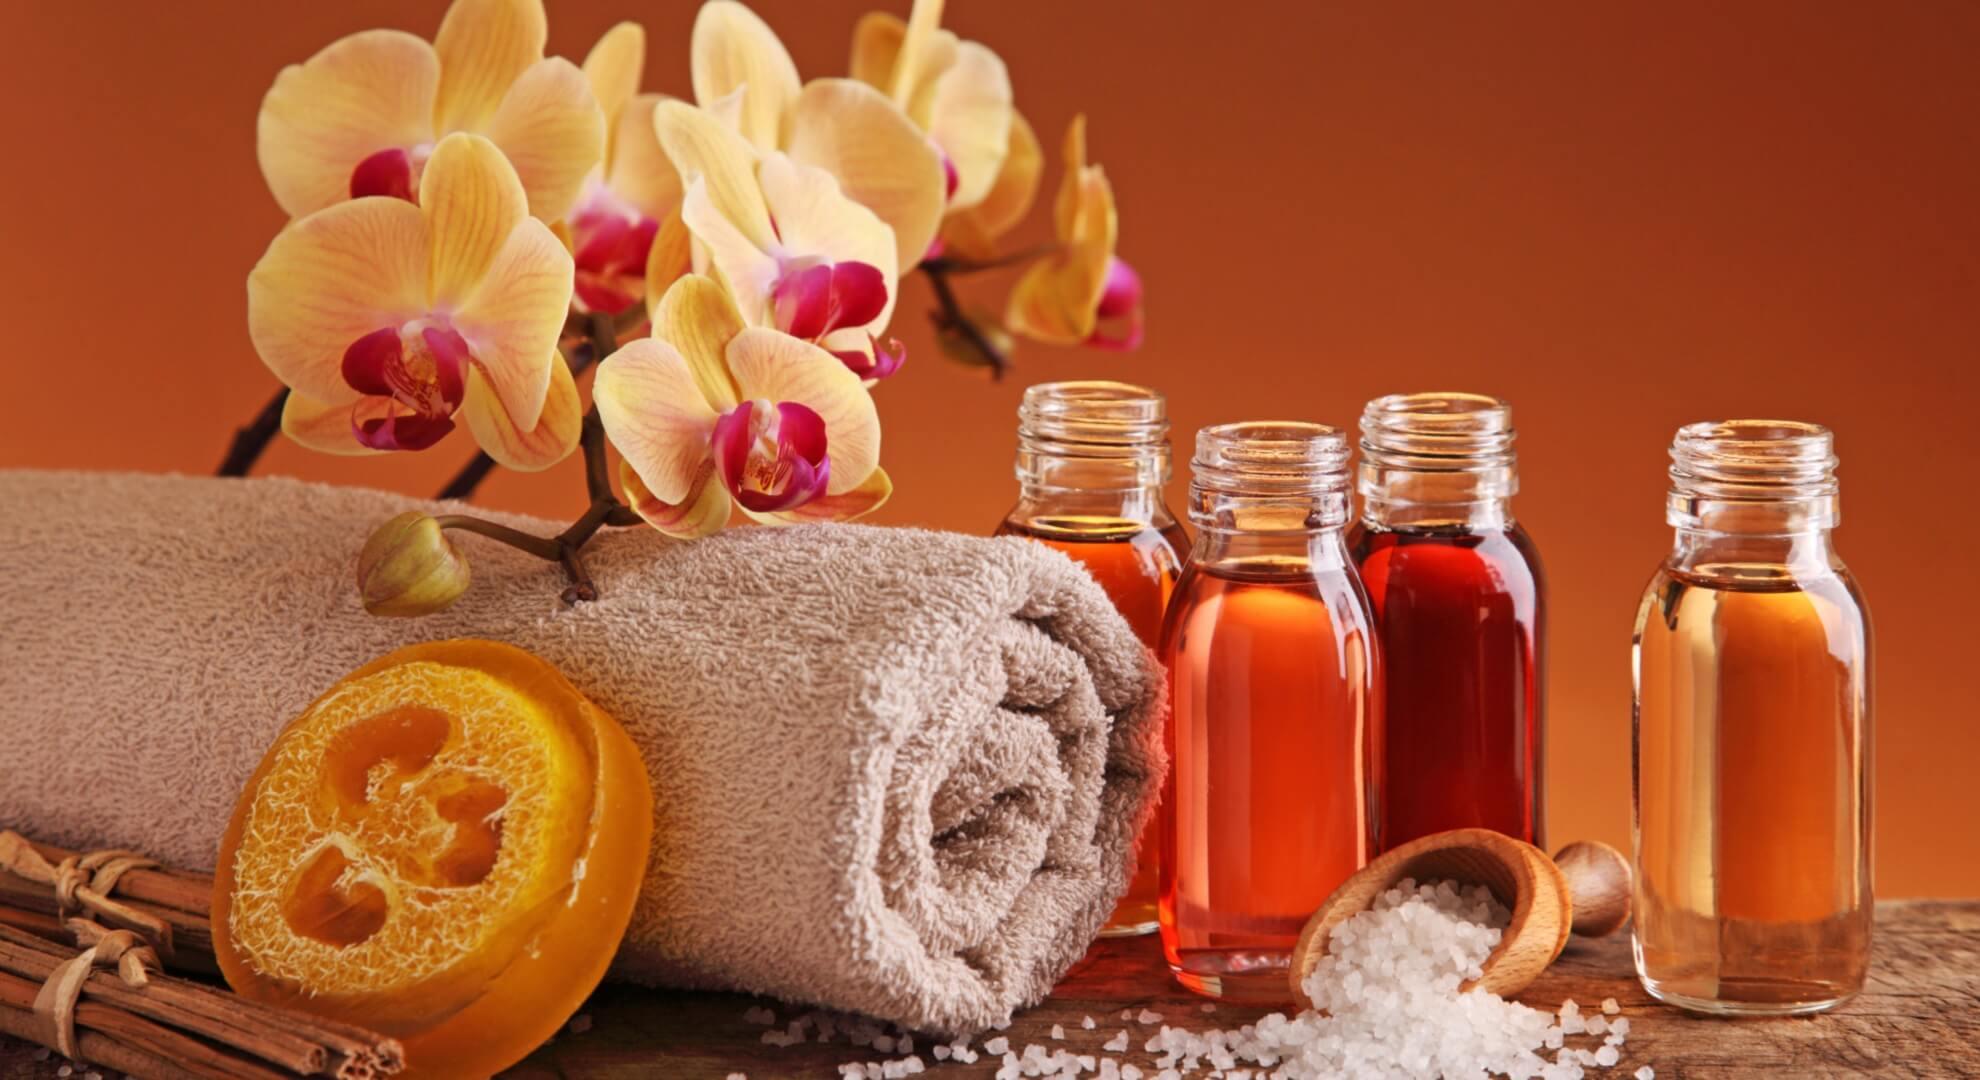 Hair care oils